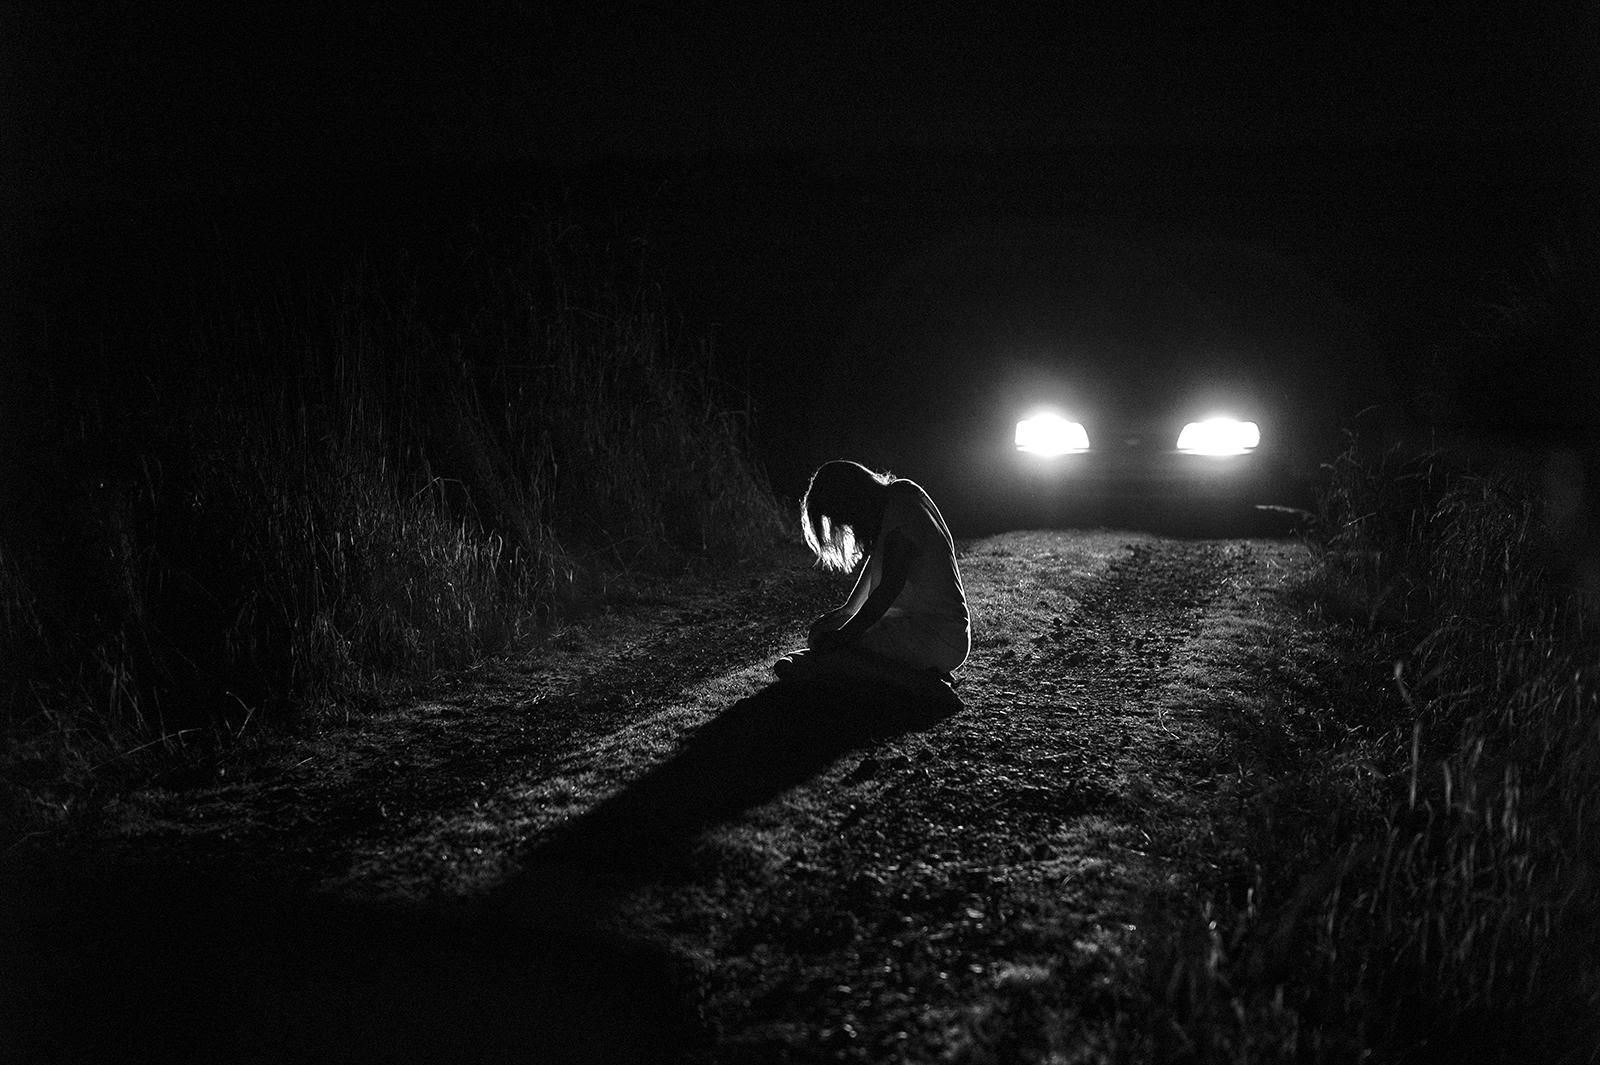 Ảnh trắng đen cô gái trong đêm buồn